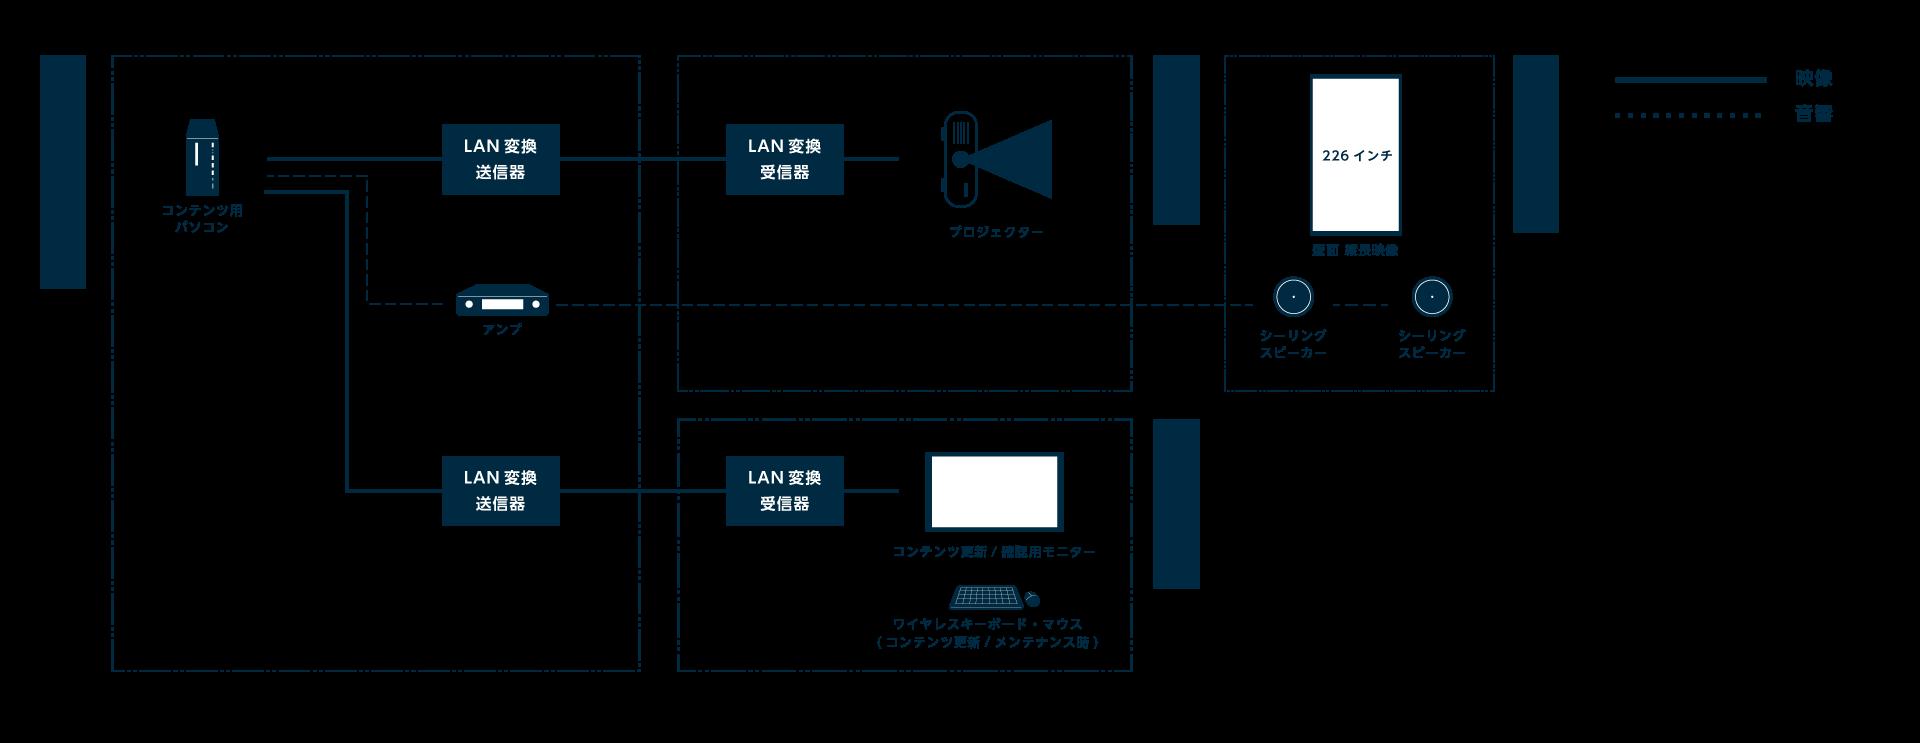 藤田美術館,ホール2,システム系統図